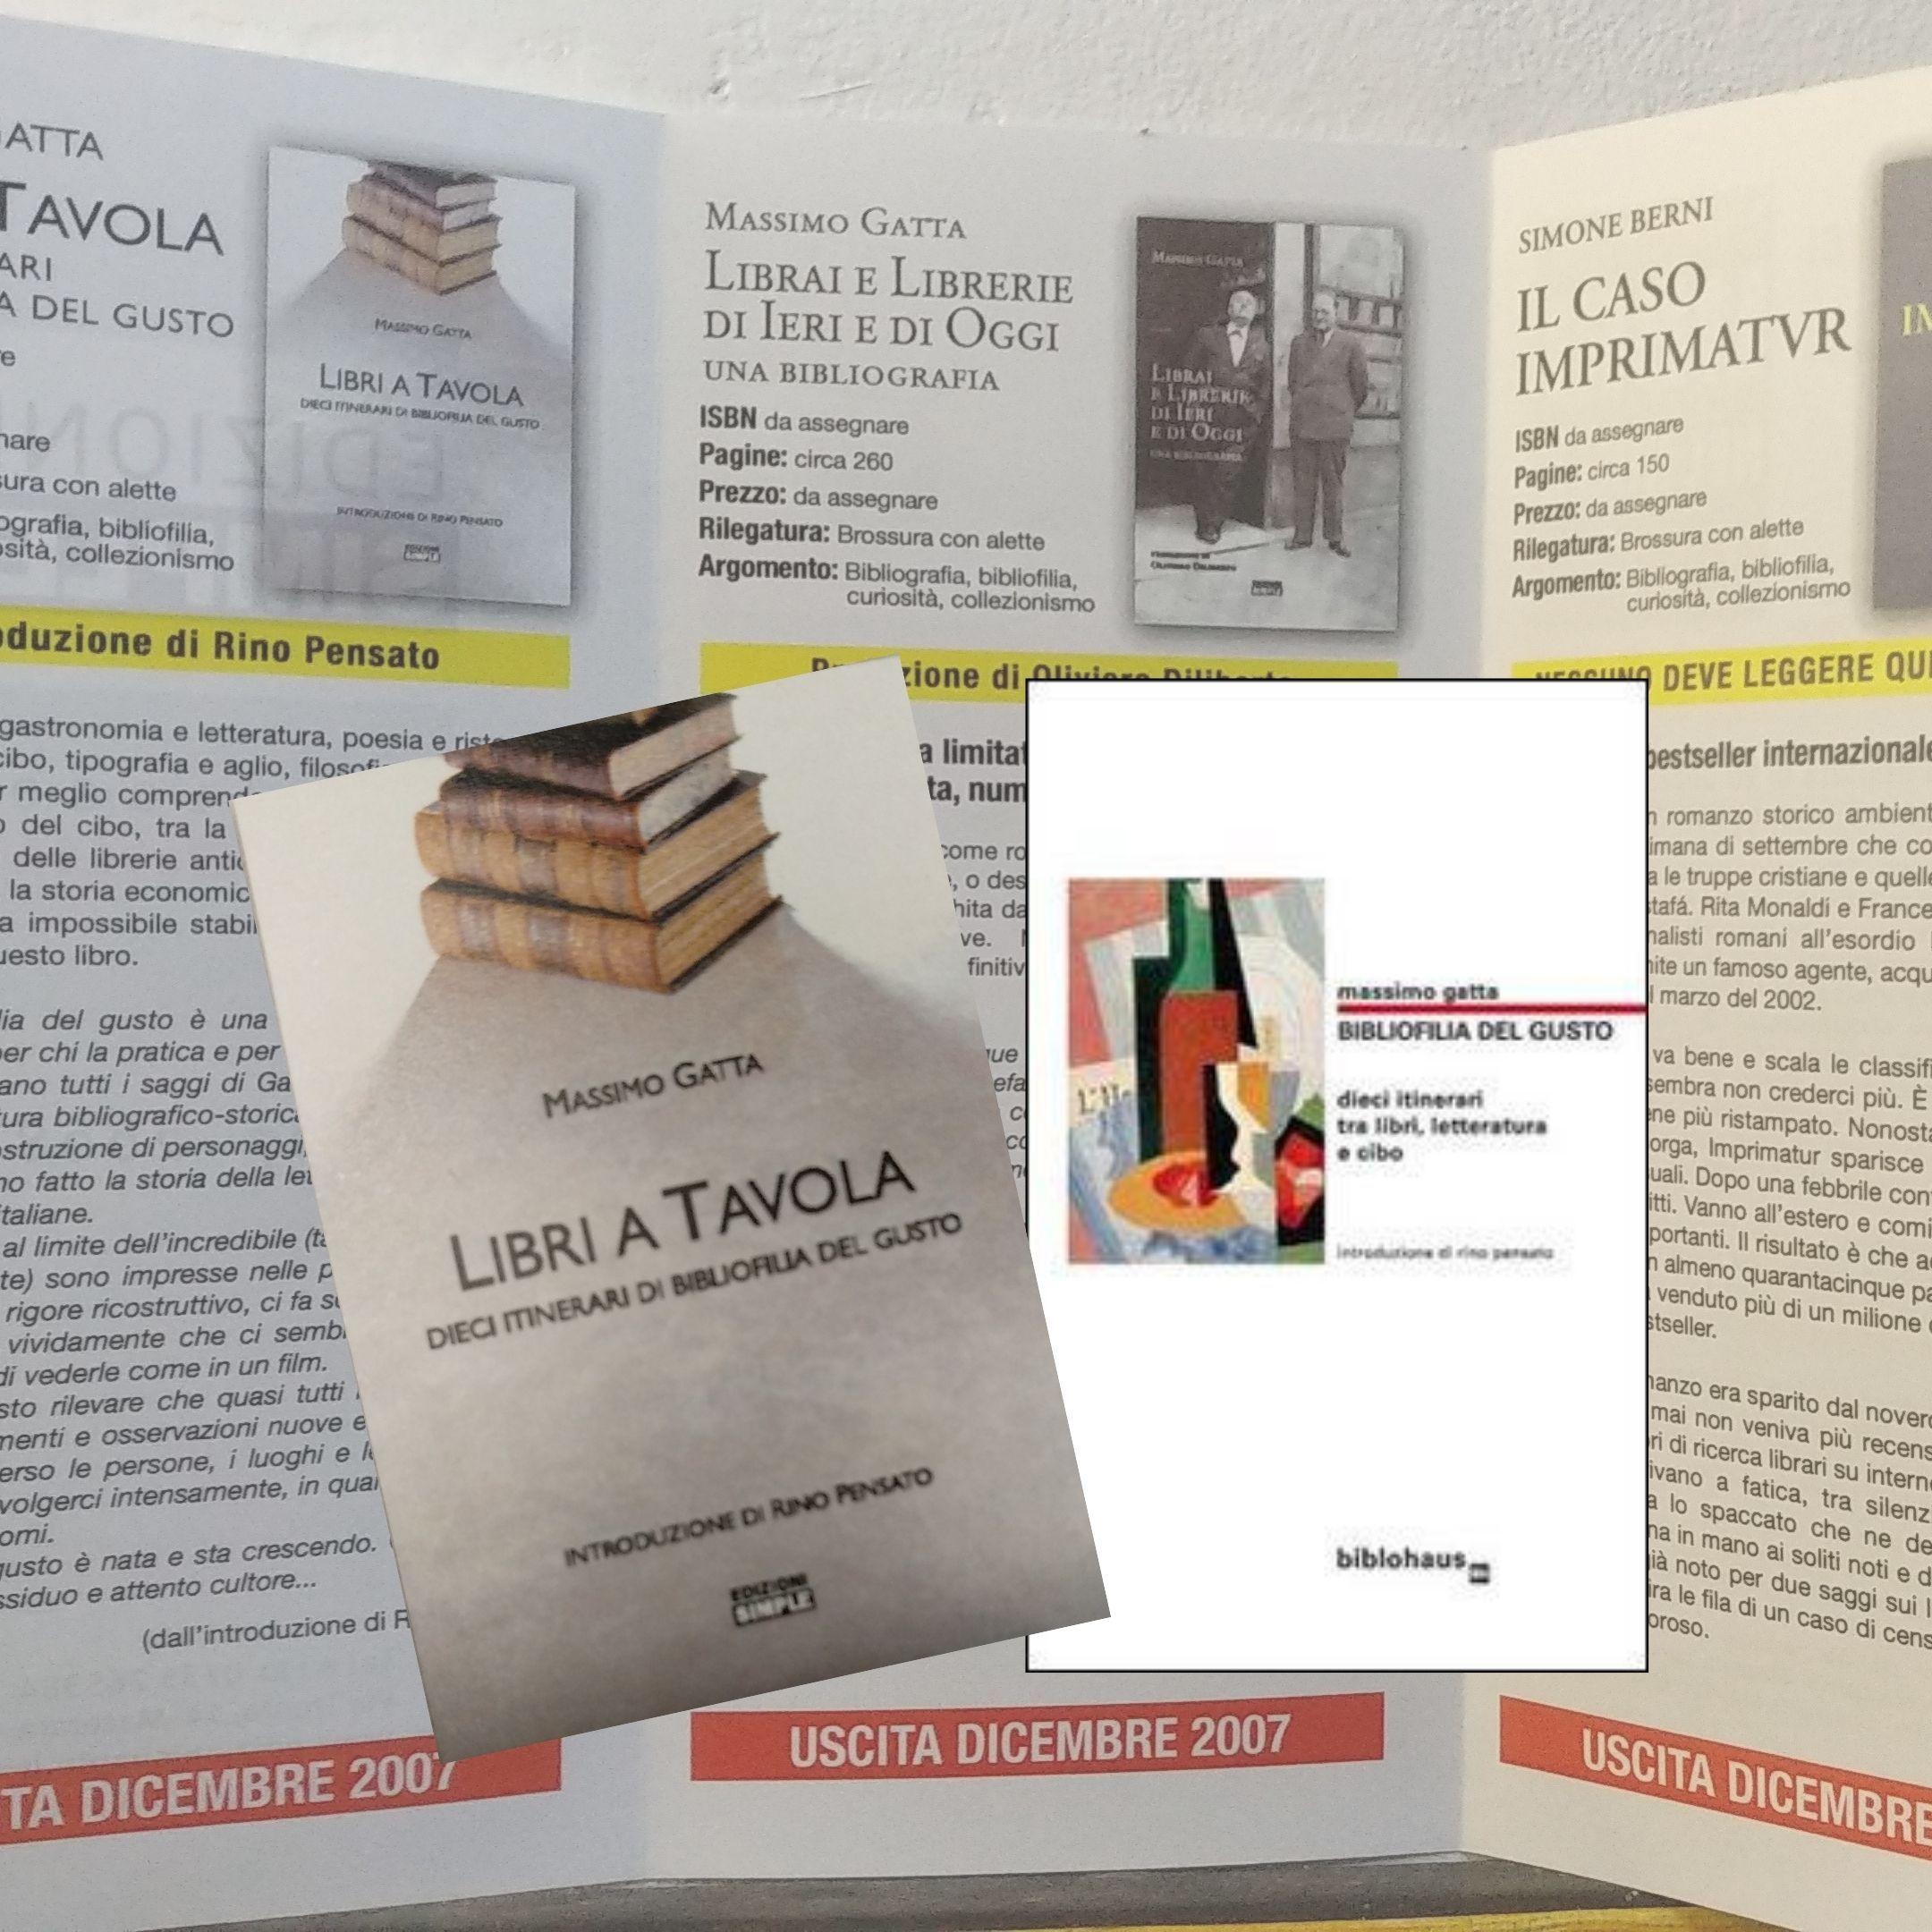 """Avevate mai visto """"Libri a tavola"""" di Massimo Gatta? Da una copertina scartata un pezzo raro della Biblohaus, anzi no!"""